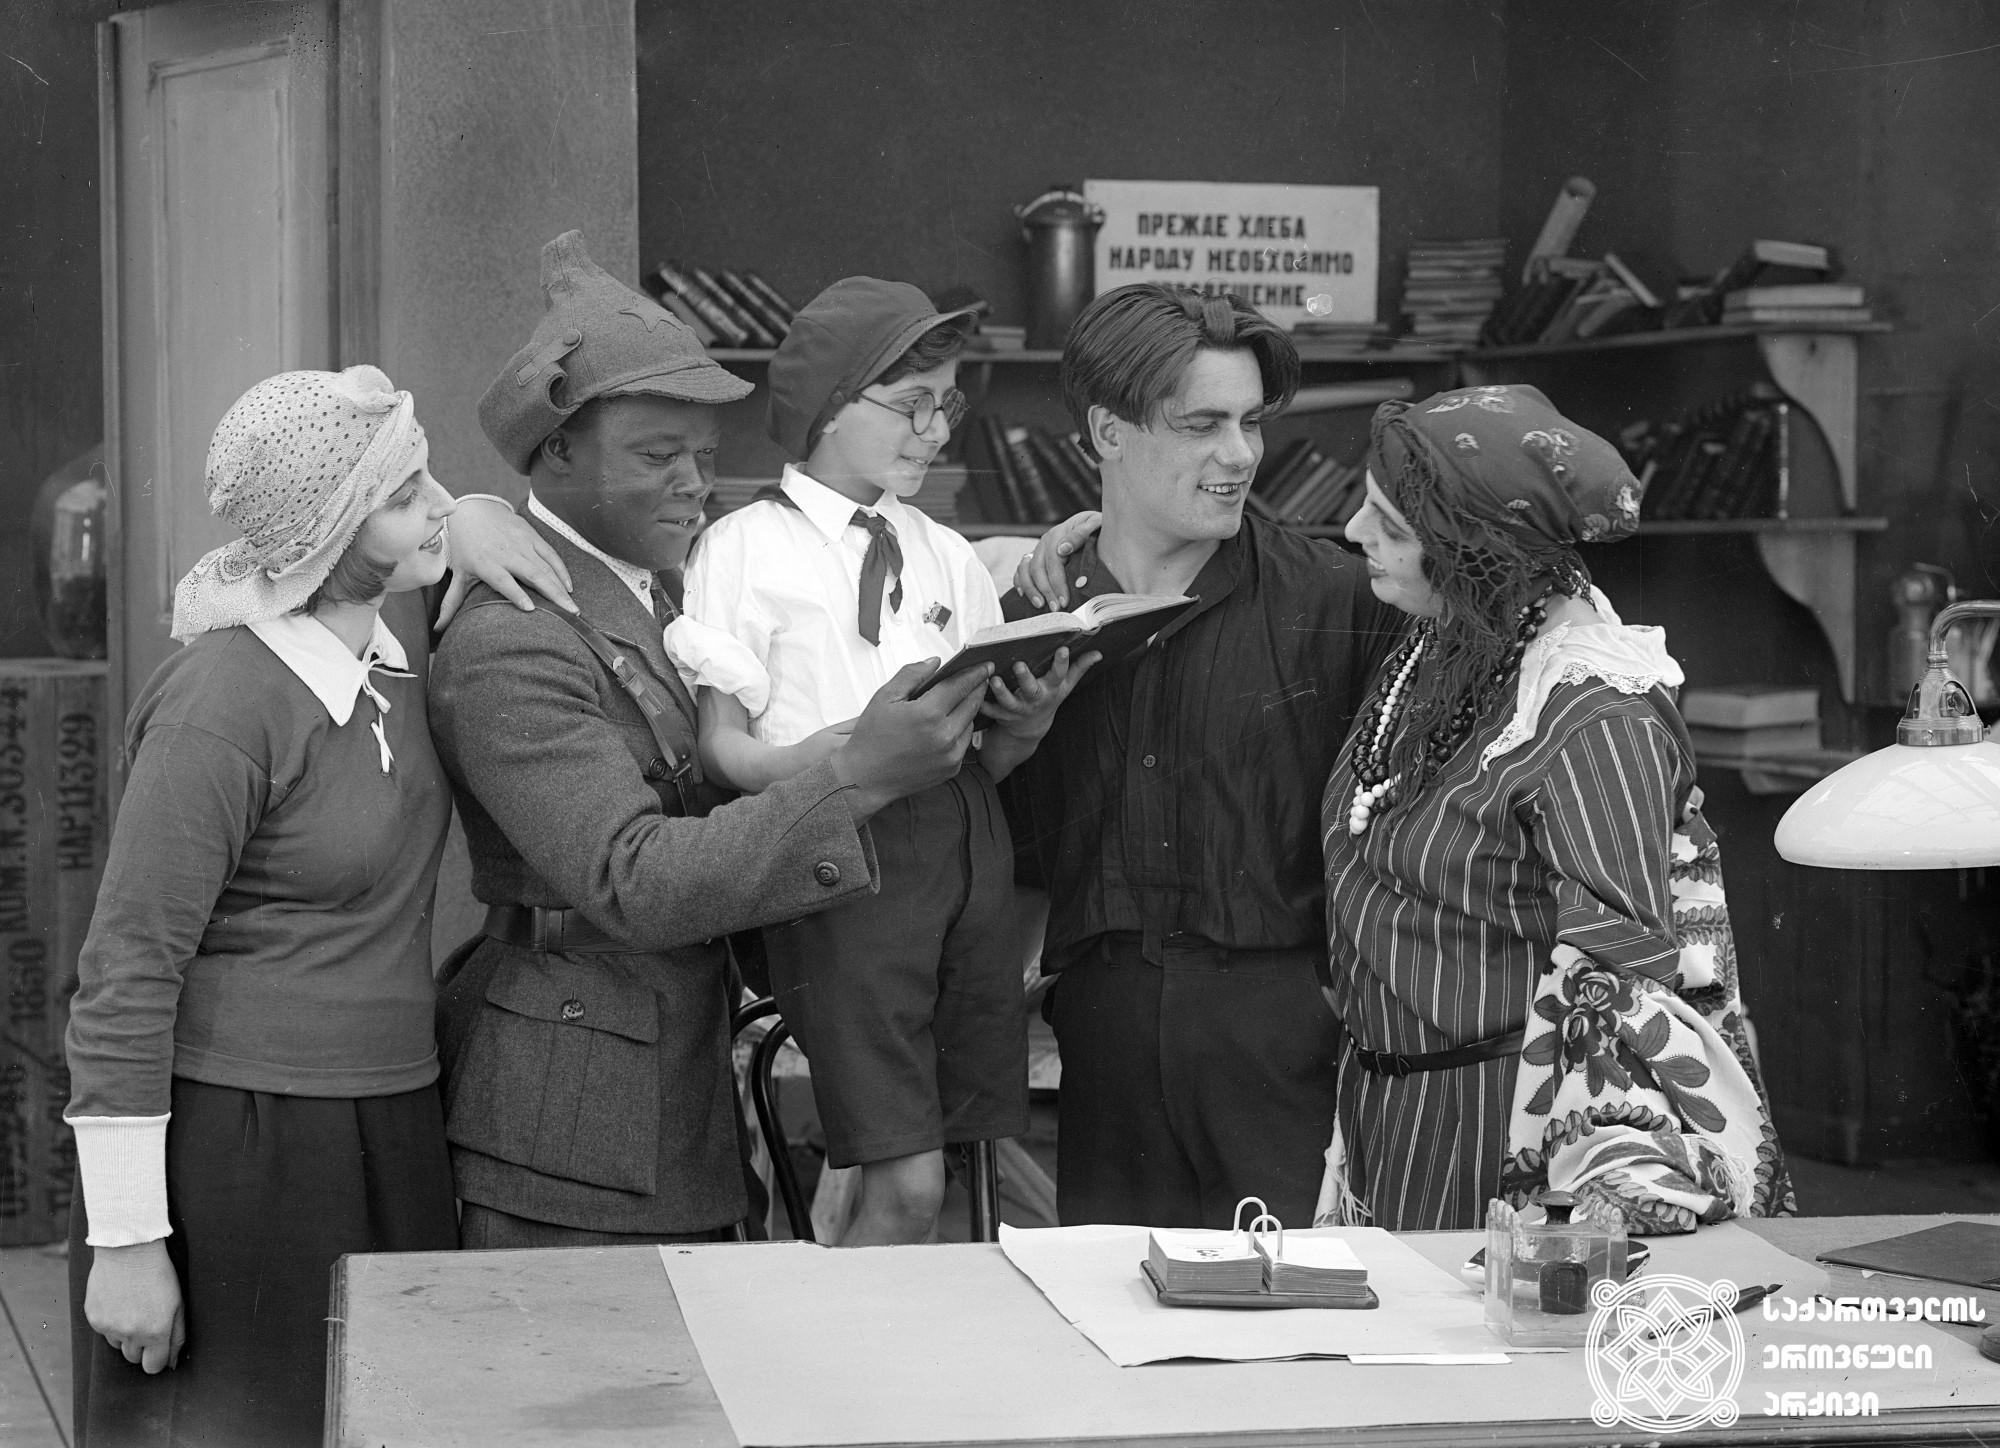 """""""ილან დილი"""". 1926. <br>  რეჟისორი: ივანე პერესტიანი. <br> ოპერატორი: ალექსანდრე დიღმელოვი. მხატვარი: ფიოდორი პუში. ფილმი გადაღებულია უსცენაროდ.  <br> ფოტოზე: სოფია ჟოზეფი (დუნიაშა), პავლე ესიკოვსკი (მიშა), სვეტლანა ლიუქსი (ოქსანა), კადორ ბენ-საიბ (ტომ ჯეკსონი), მარიუს იაკობინი. <br> Ilan-dili. 1926. <br>  Director: Ivan Perestian. <br> Camera operator: Alexander Dighmelov. Production designer: Fiodor Push.  Film is shot without screenwrite. <br>  On the photo: Sofia Josephey (Duniasha), Pavel Yesikovsky (Misha), Svetlana Luiks (Oksana), Kador Ben-Saib (Tom Jackson), Marius Jacobin."""